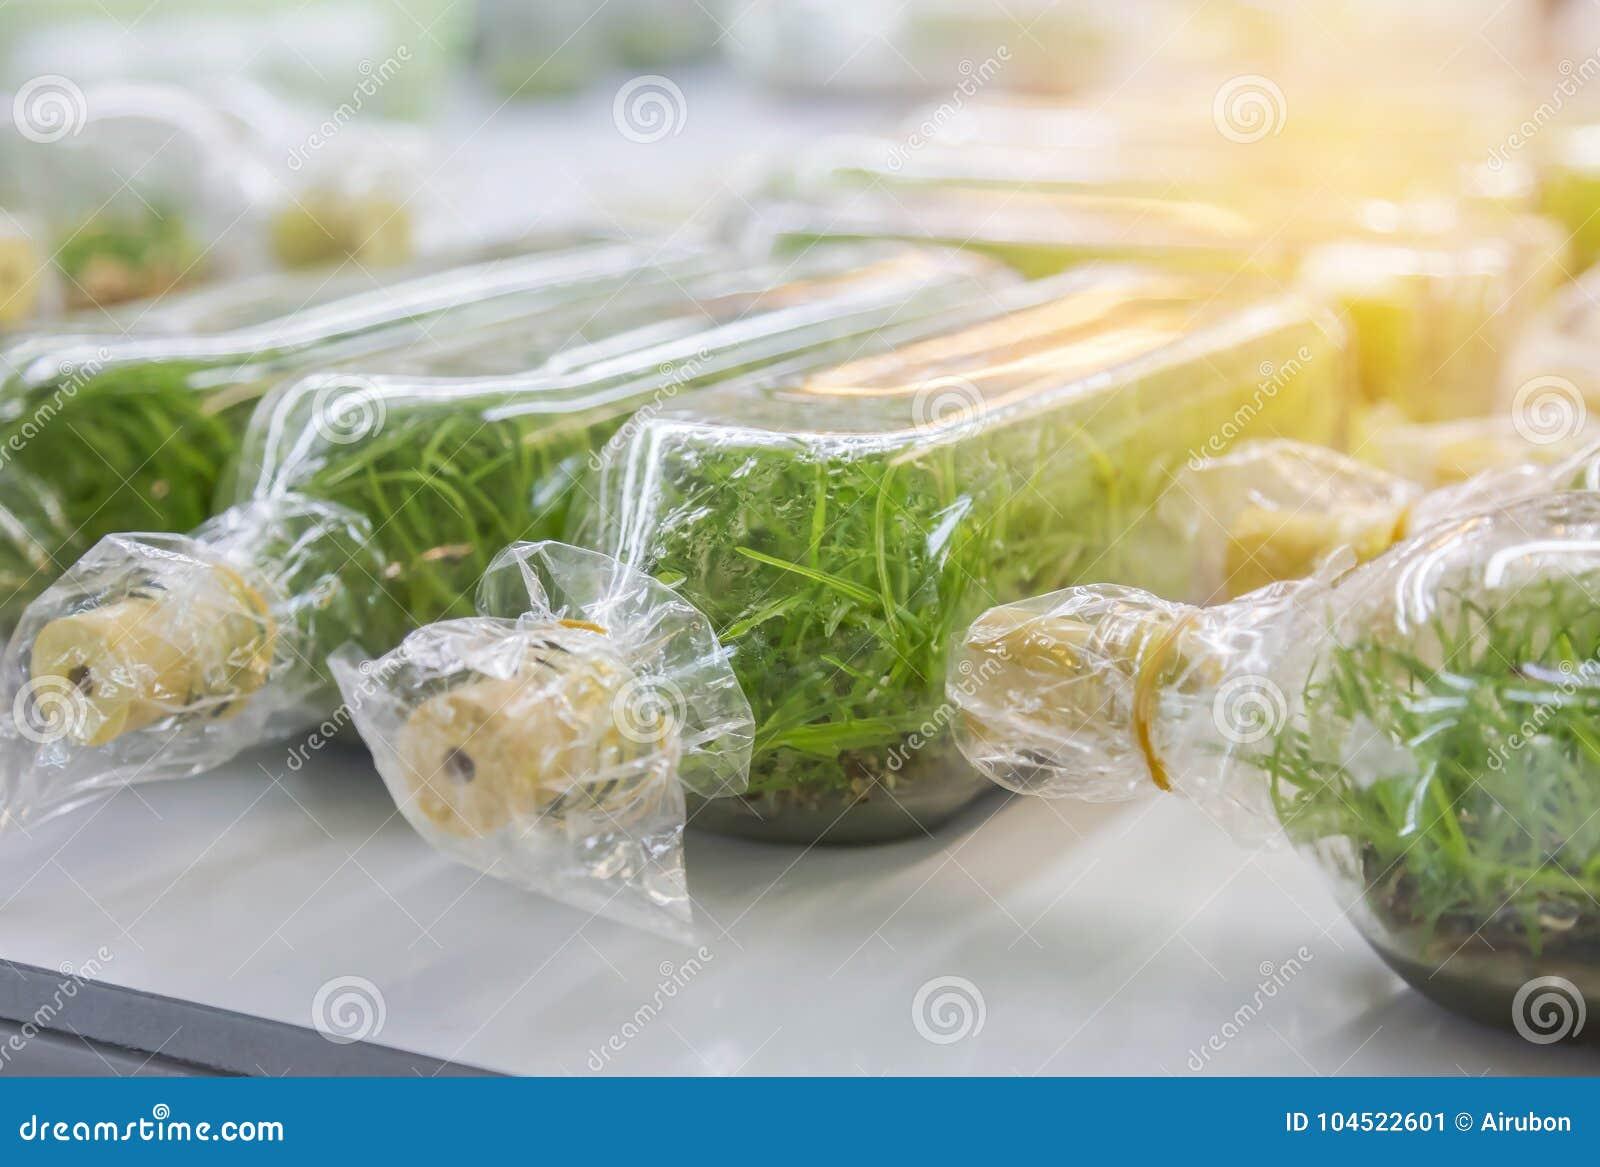 Zamyka w górę rzędu szklanej butelki rośliny tkanki kultura w laboratorium